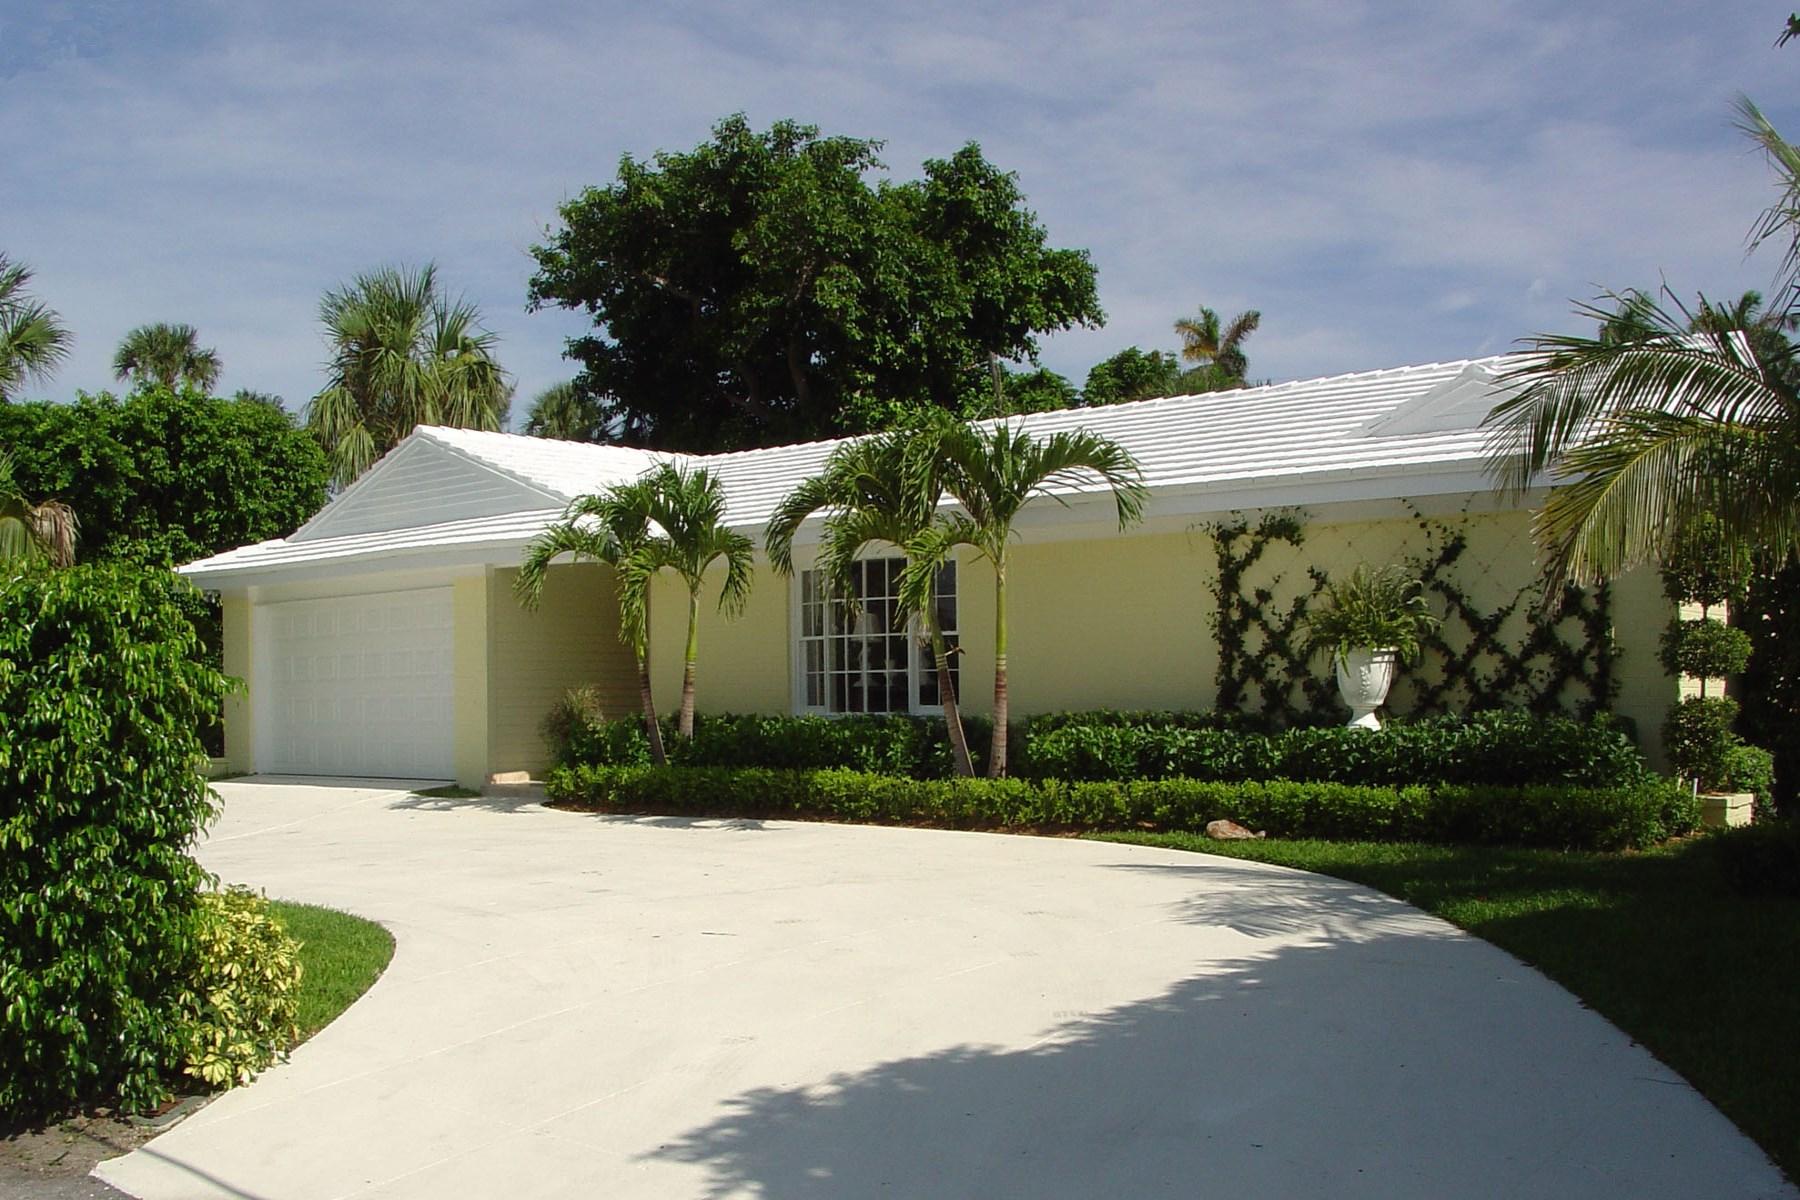 独户住宅 为 销售 在 Onondaga Avenue - Palm Beach 230 Onondaga Ave North End, Palm Beach, 佛罗里达州 33480 美国